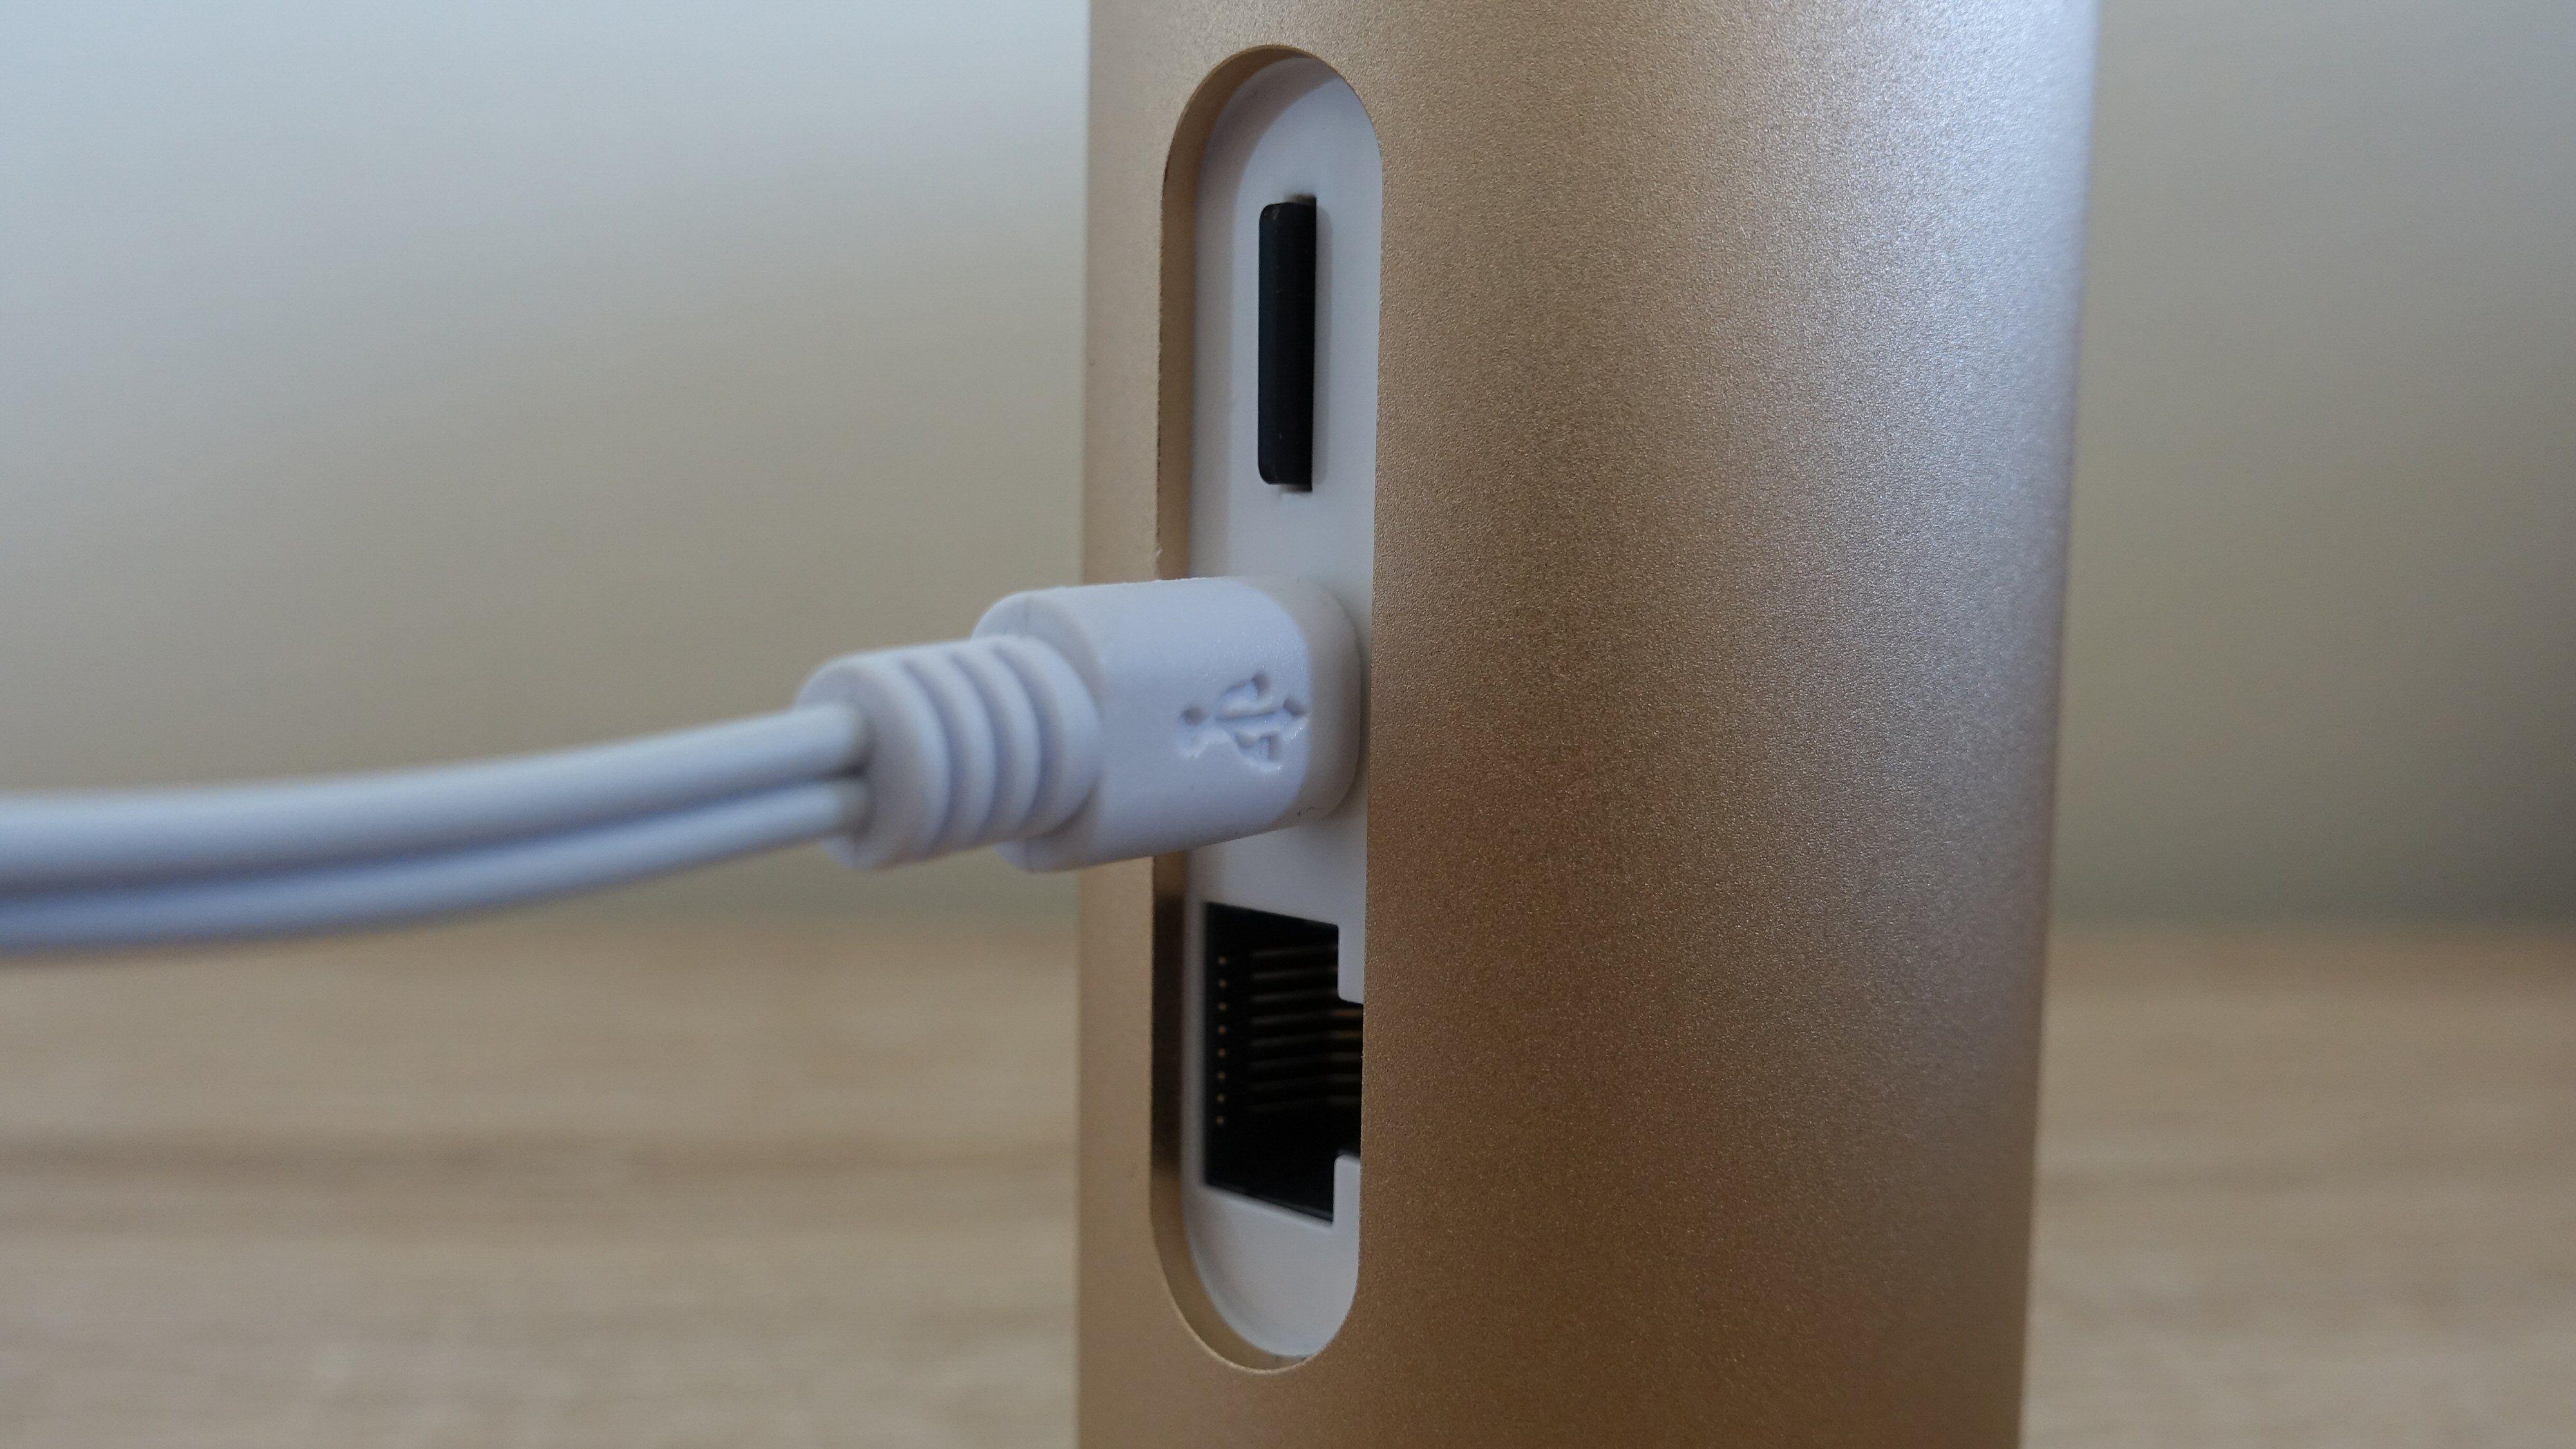 Netatmos kamera må ha strøm. Å trekke ut ledningen er nok til å sette hele systemet ut av spill.